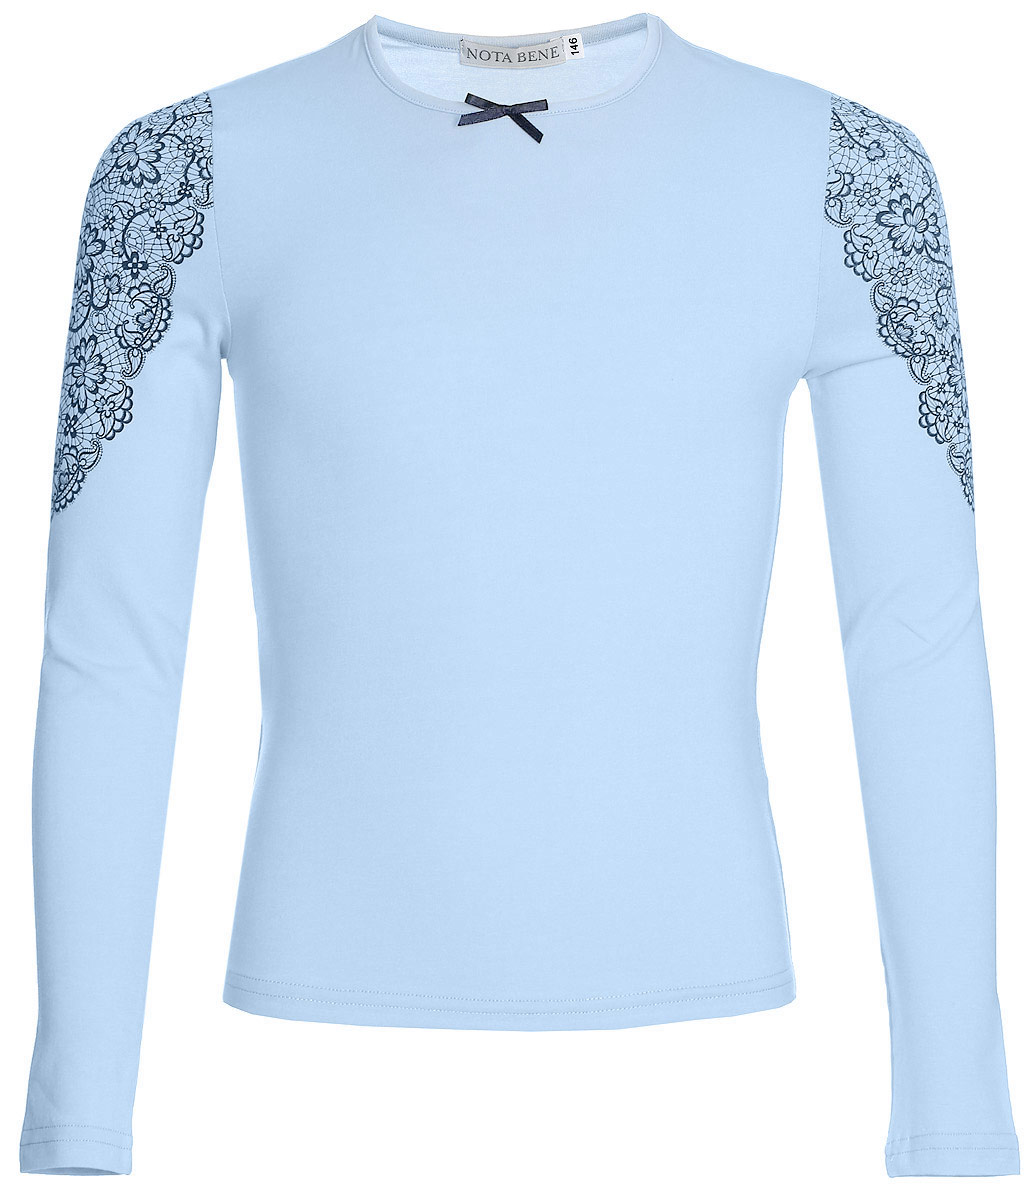 Блузка для девочки Nota Bene, цвет: голубой. CJR27033B10. Размер 146CJR27033A10/CJR27033B10Блузка для девочки Nota Bene выполнена из хлопкового трикотажа с кружевной отделкой. Модель с длинными рукавами и круглым вырезом горловины.